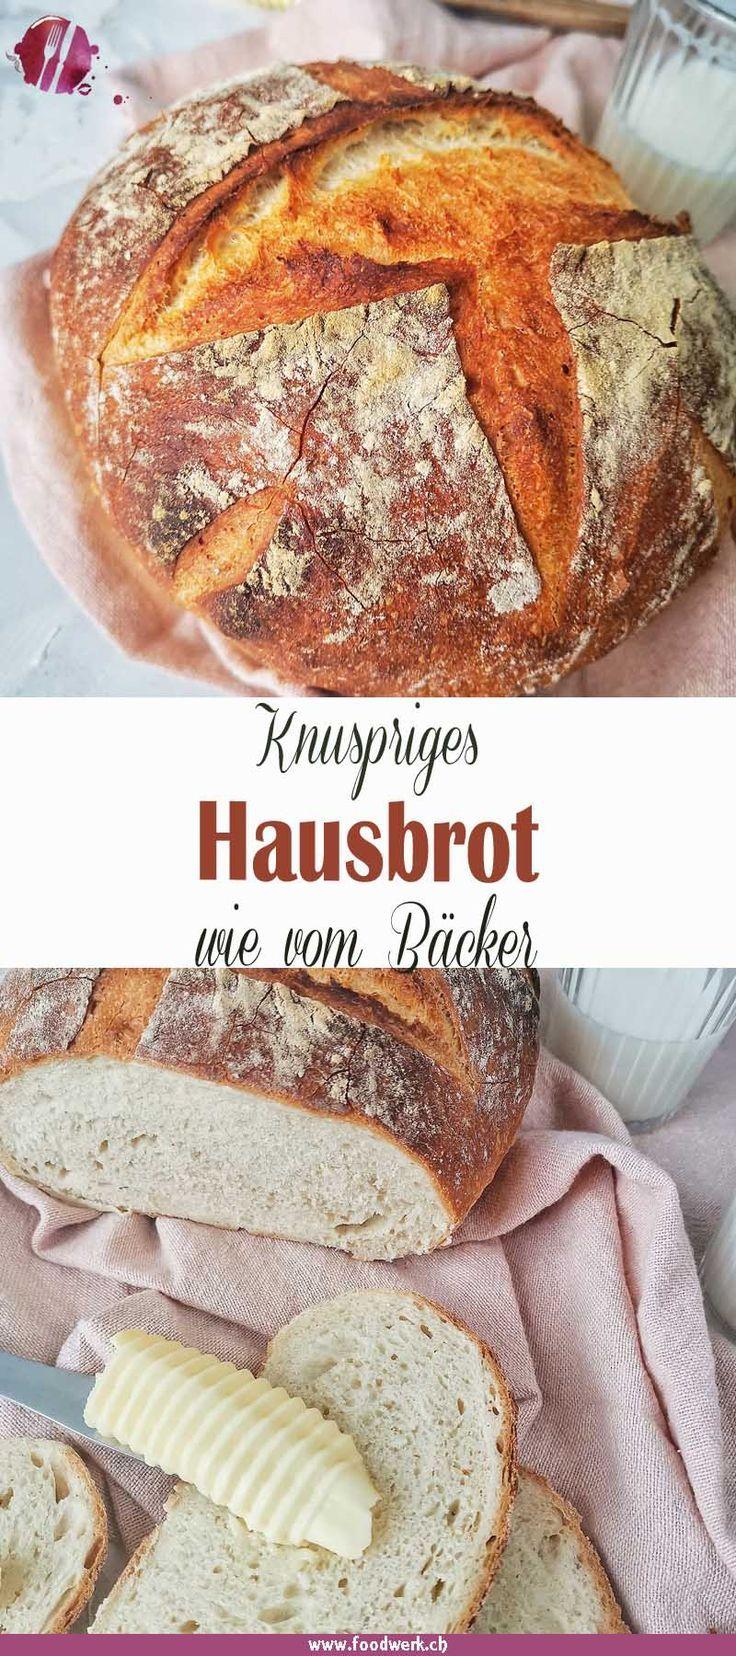 Herrlich knusprig : Einfaches Hausbrot wie vom Bäcker | Food-Blog Schweiz | foodwerk.ch